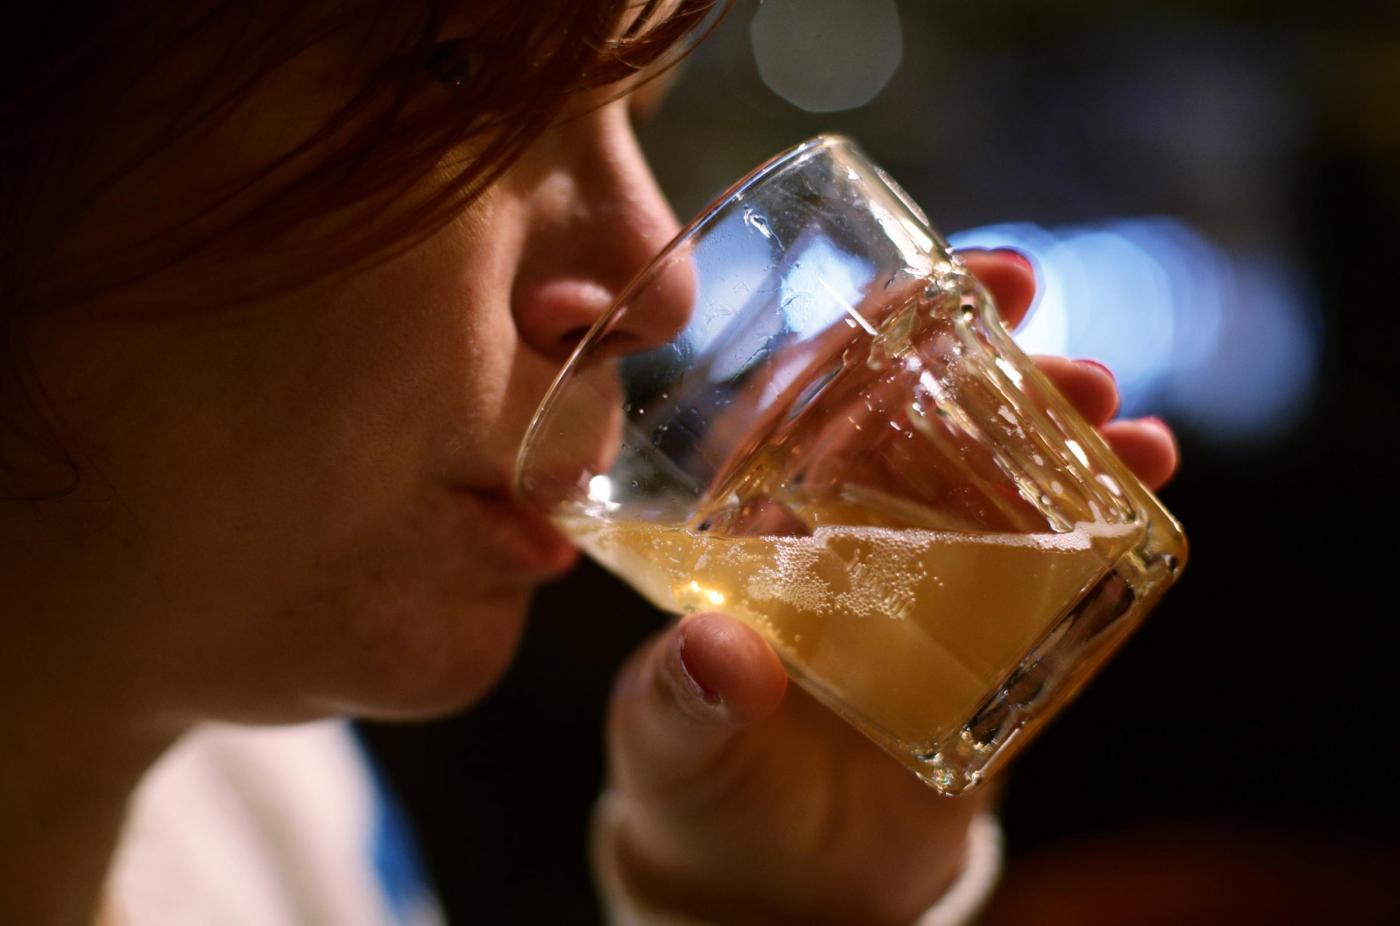 La birra salata alla conquista del mercato europeo